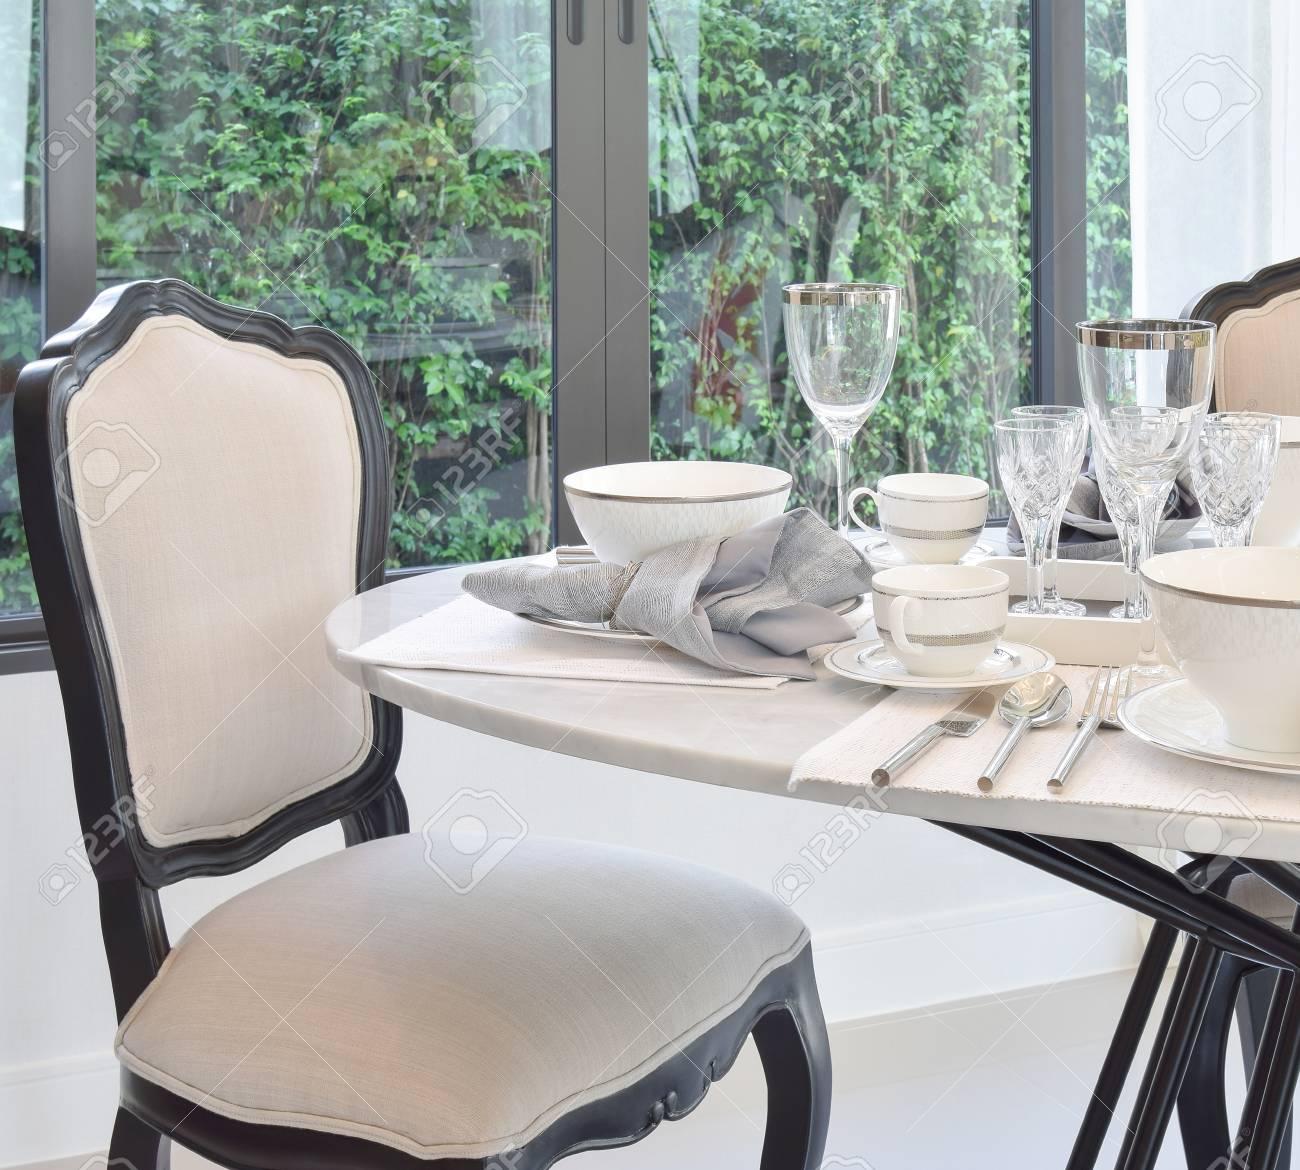 Esstisch Und Bequeme Stuhle In Modernen Haus Mit Eleganten